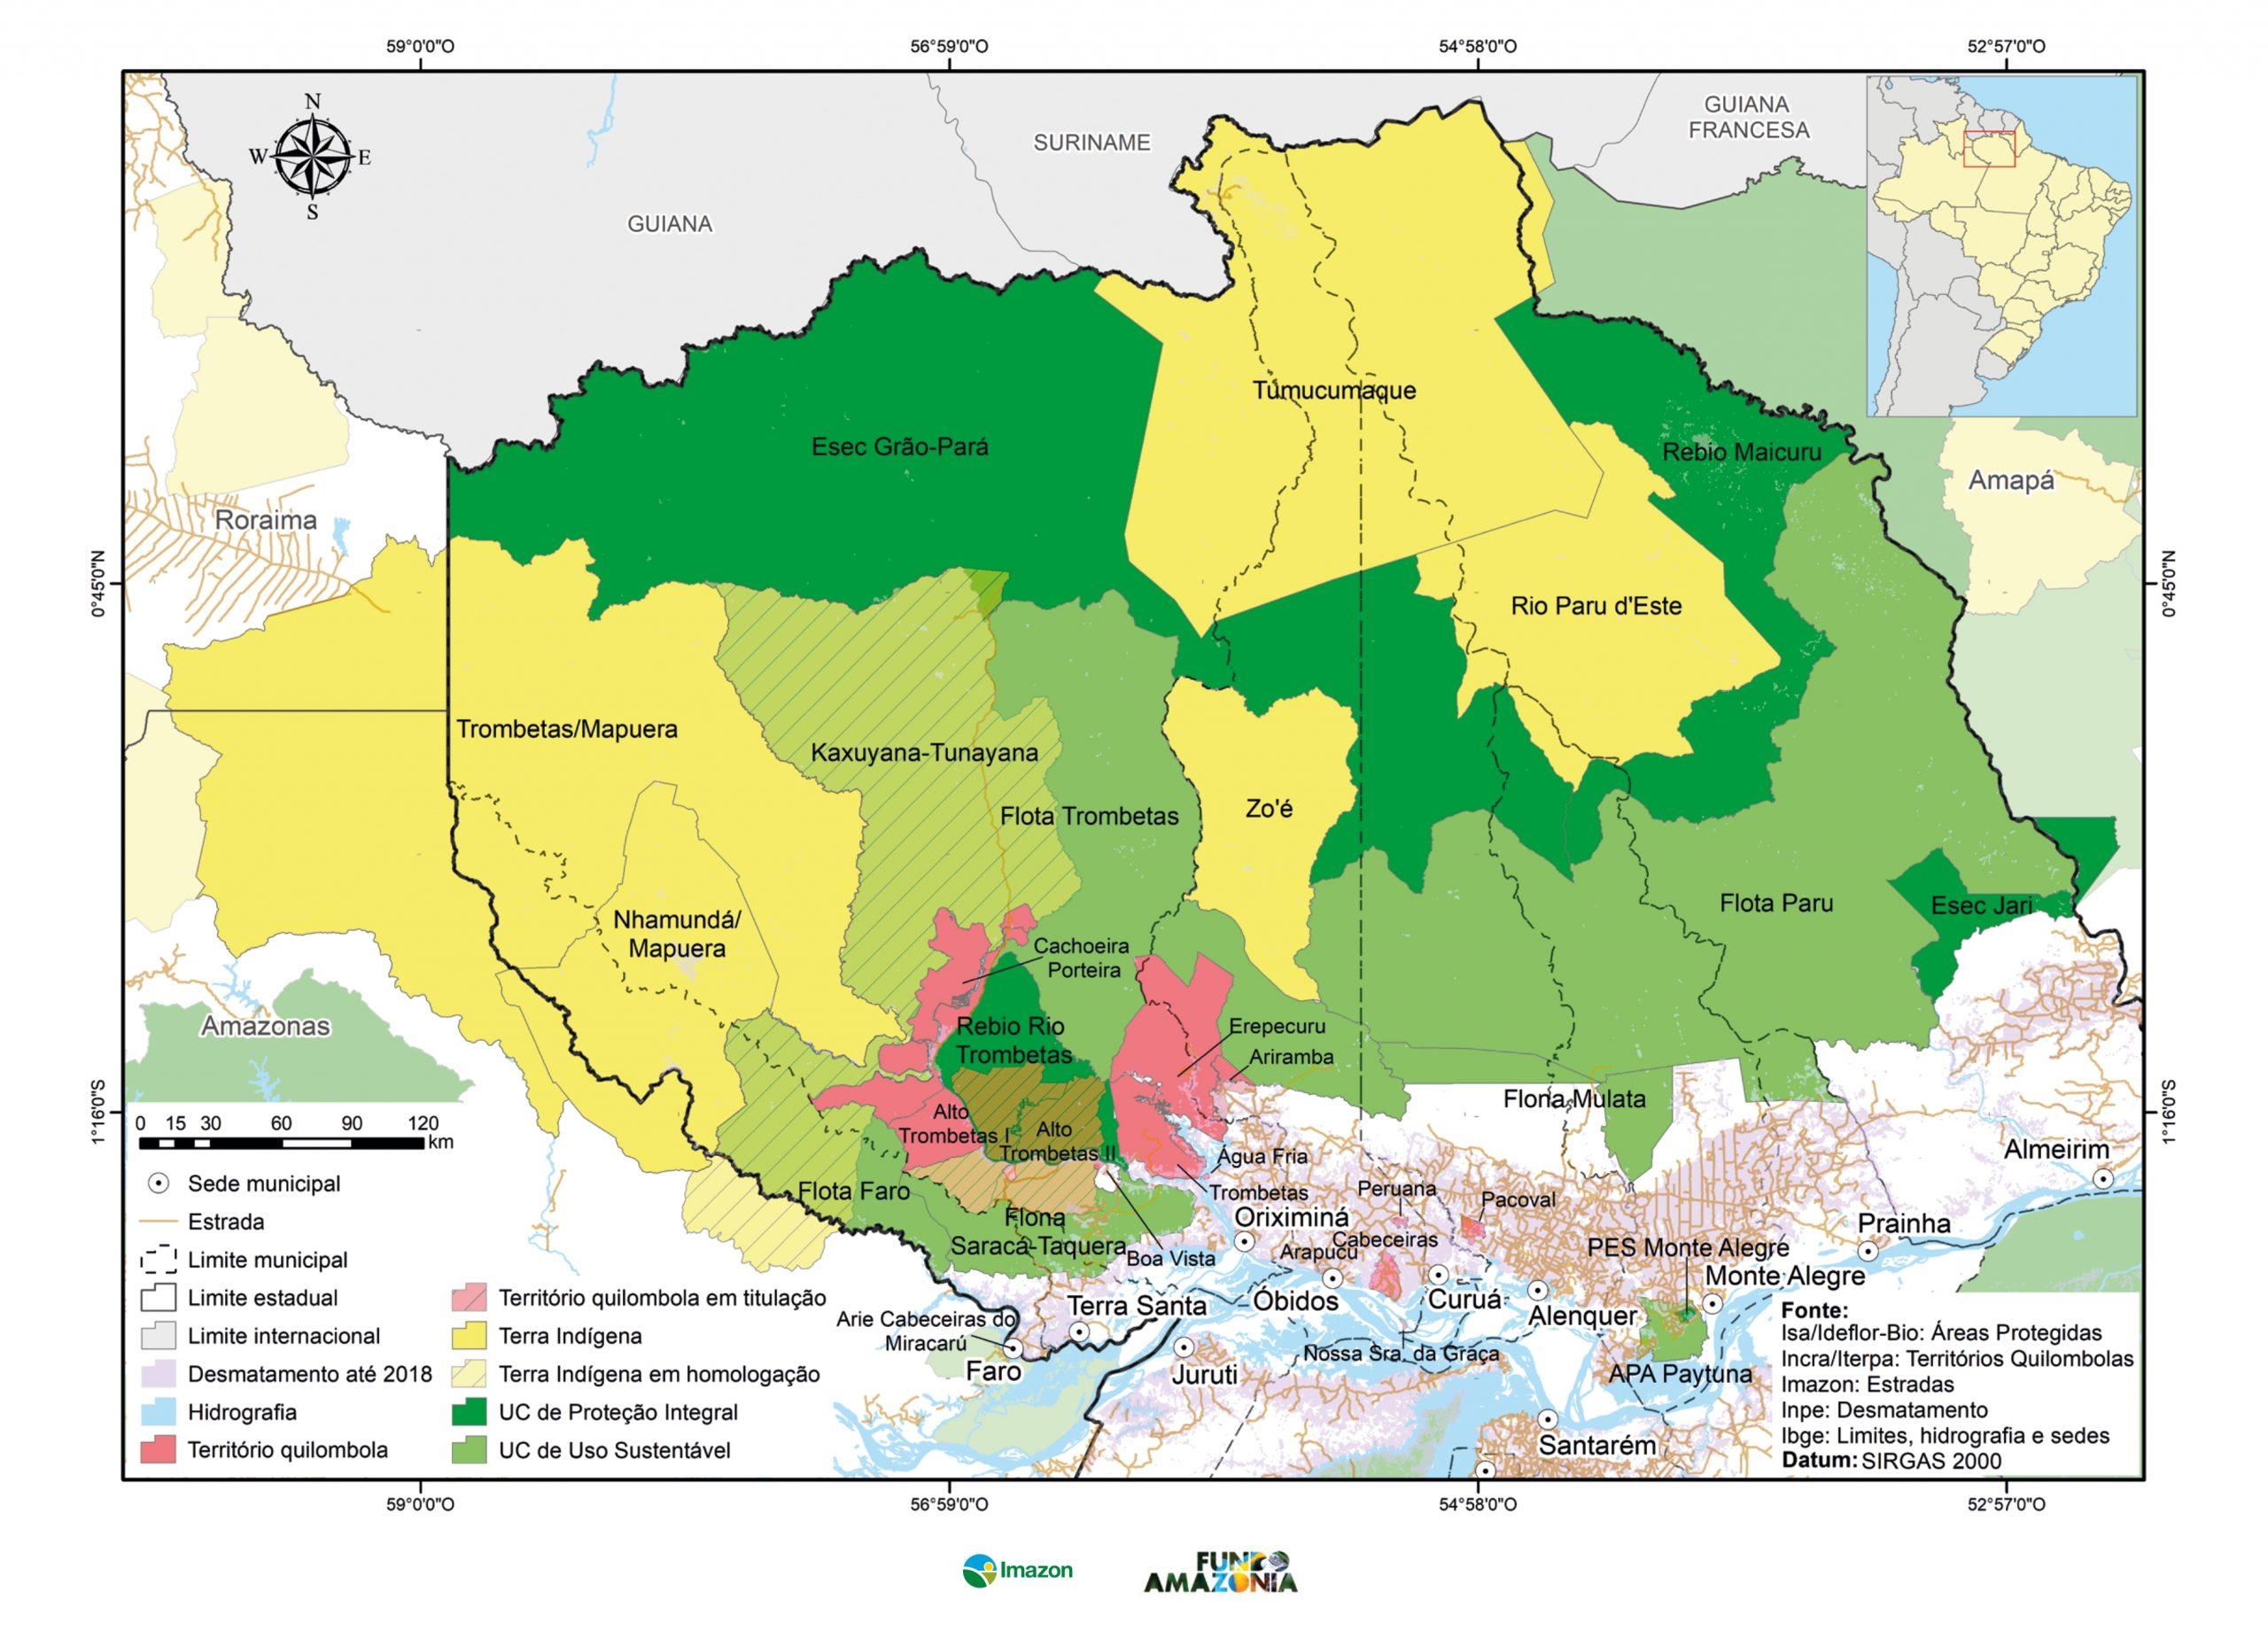 EncarteMAPA CalhaNorte 2020 18mar2020 FINAL page 0001 scaled - Mapa das Áreas Protegidas do Norte do Pará